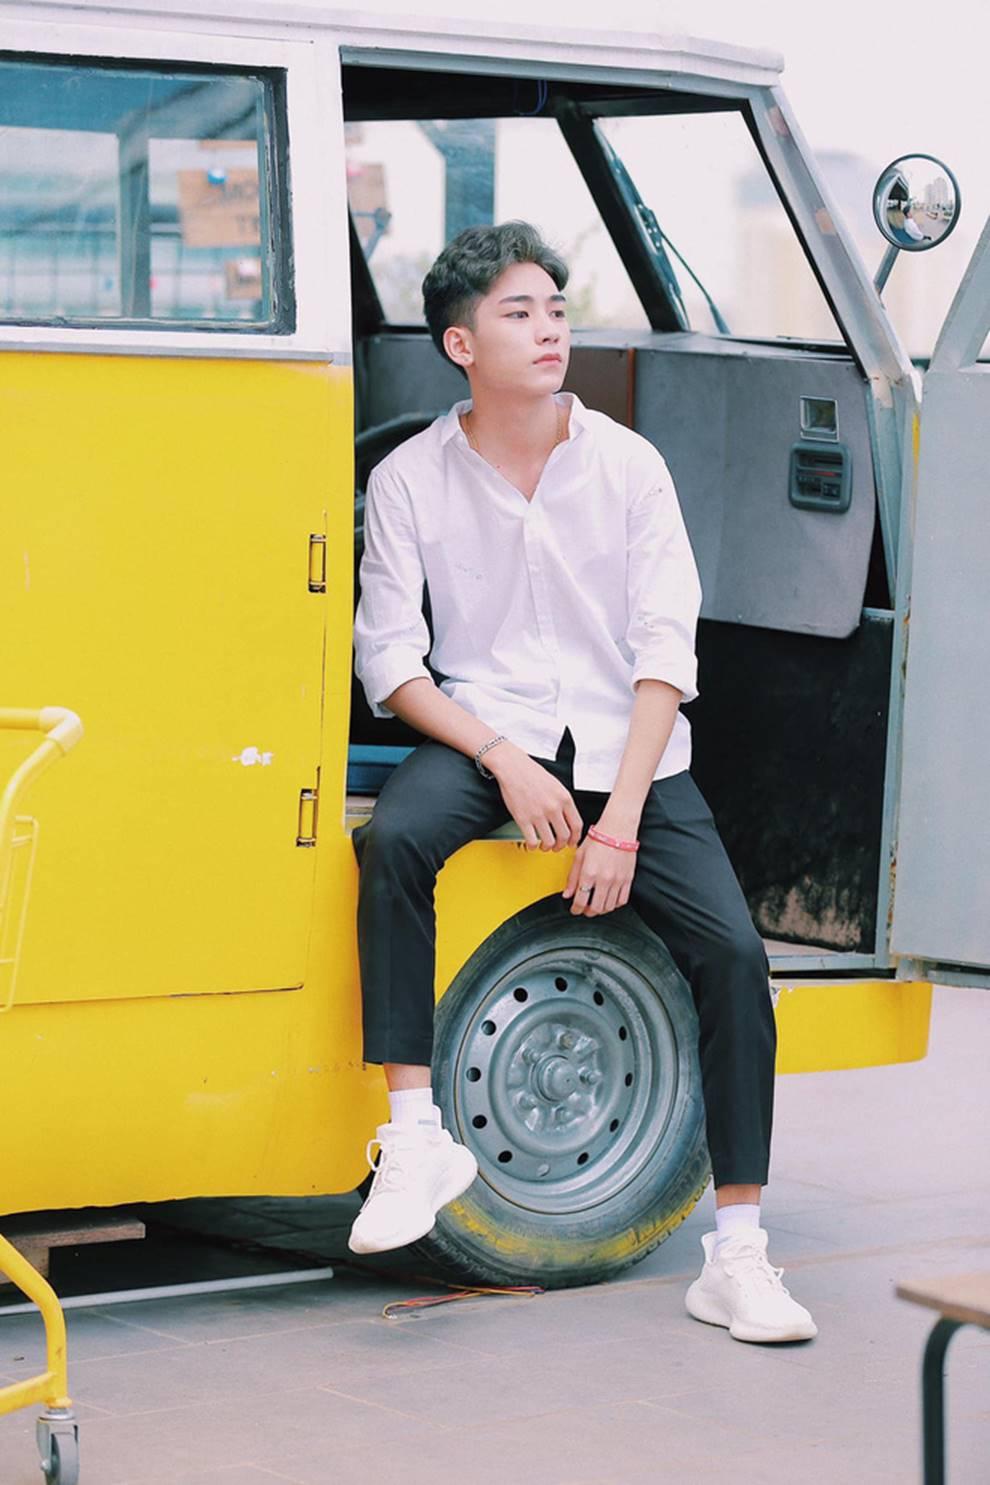 Dàn soái ca đến từ ĐH Kinh Công Hà Nội - ngôi trường được mệnh danh nhiều trai đẹp nhất Việt Nam-16